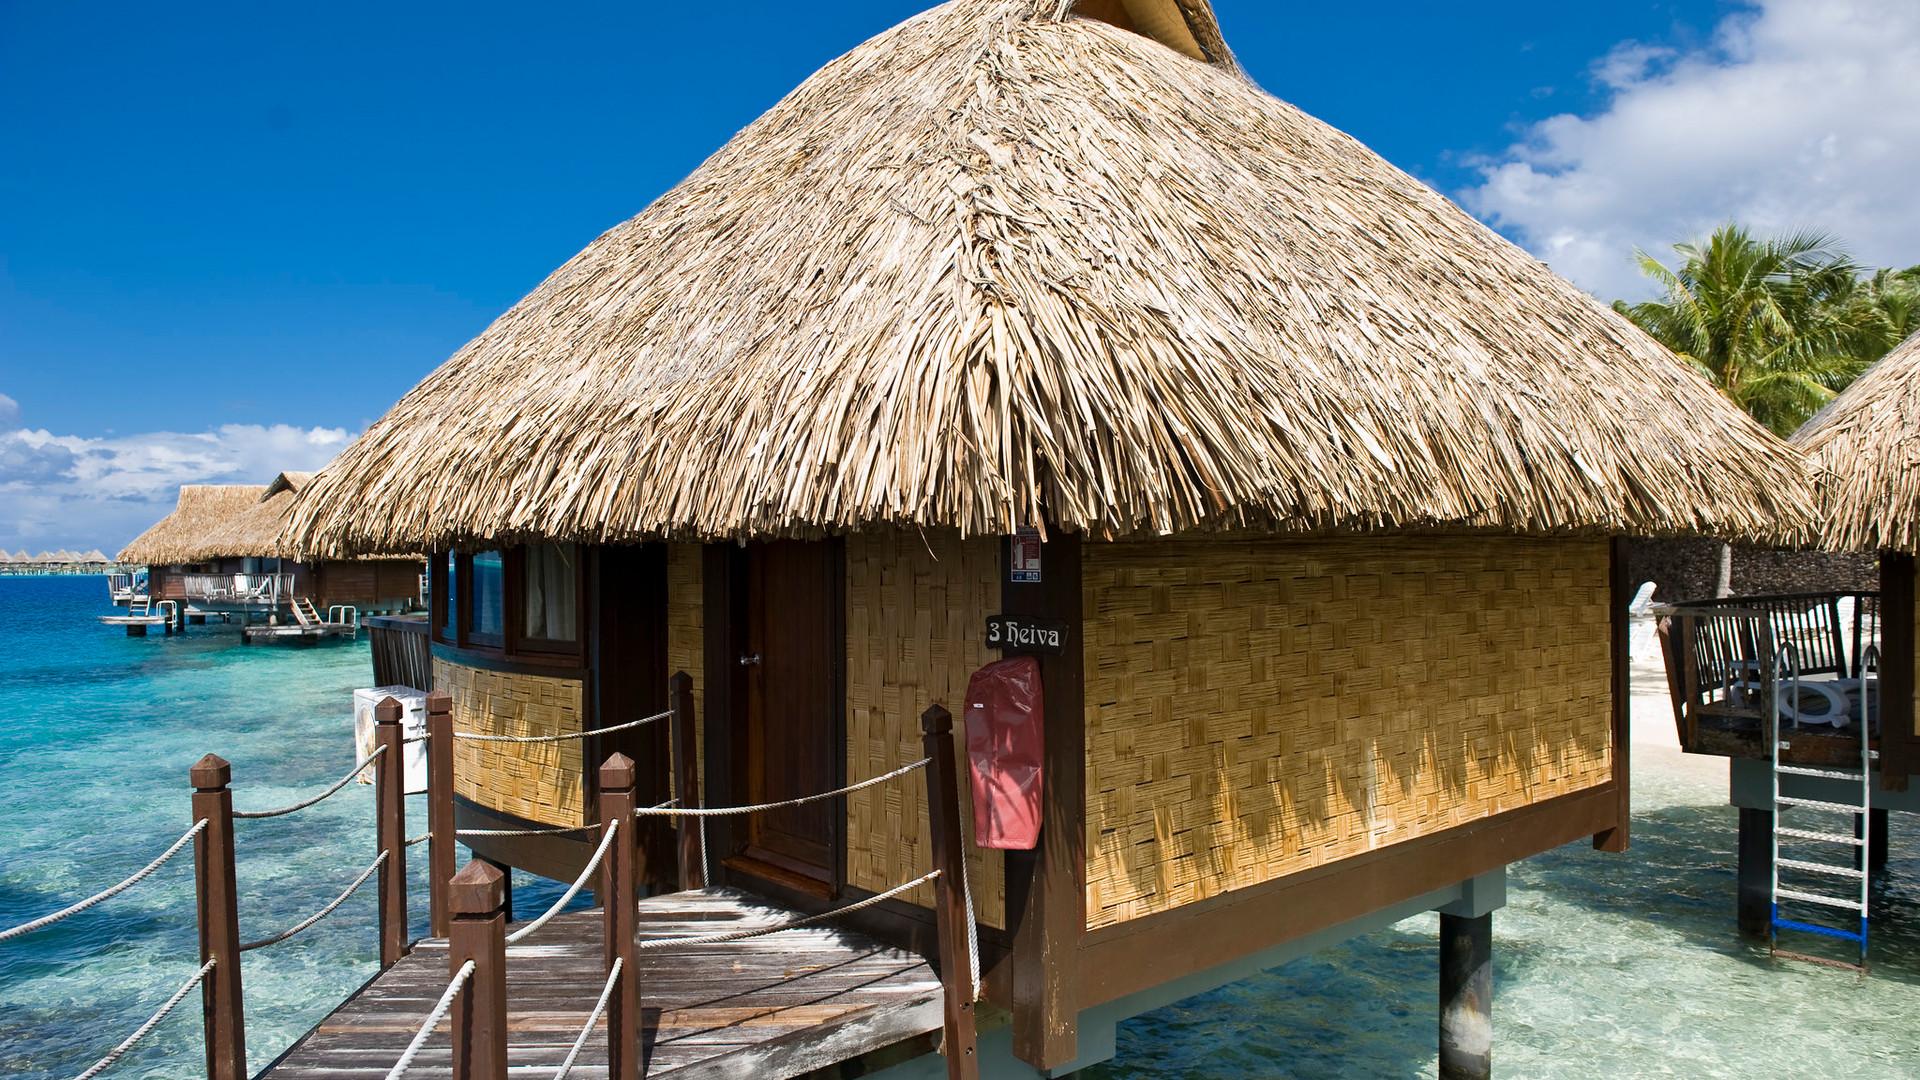 Maitai_Polynesia_Bora_Bora-Overwater_Bungalow